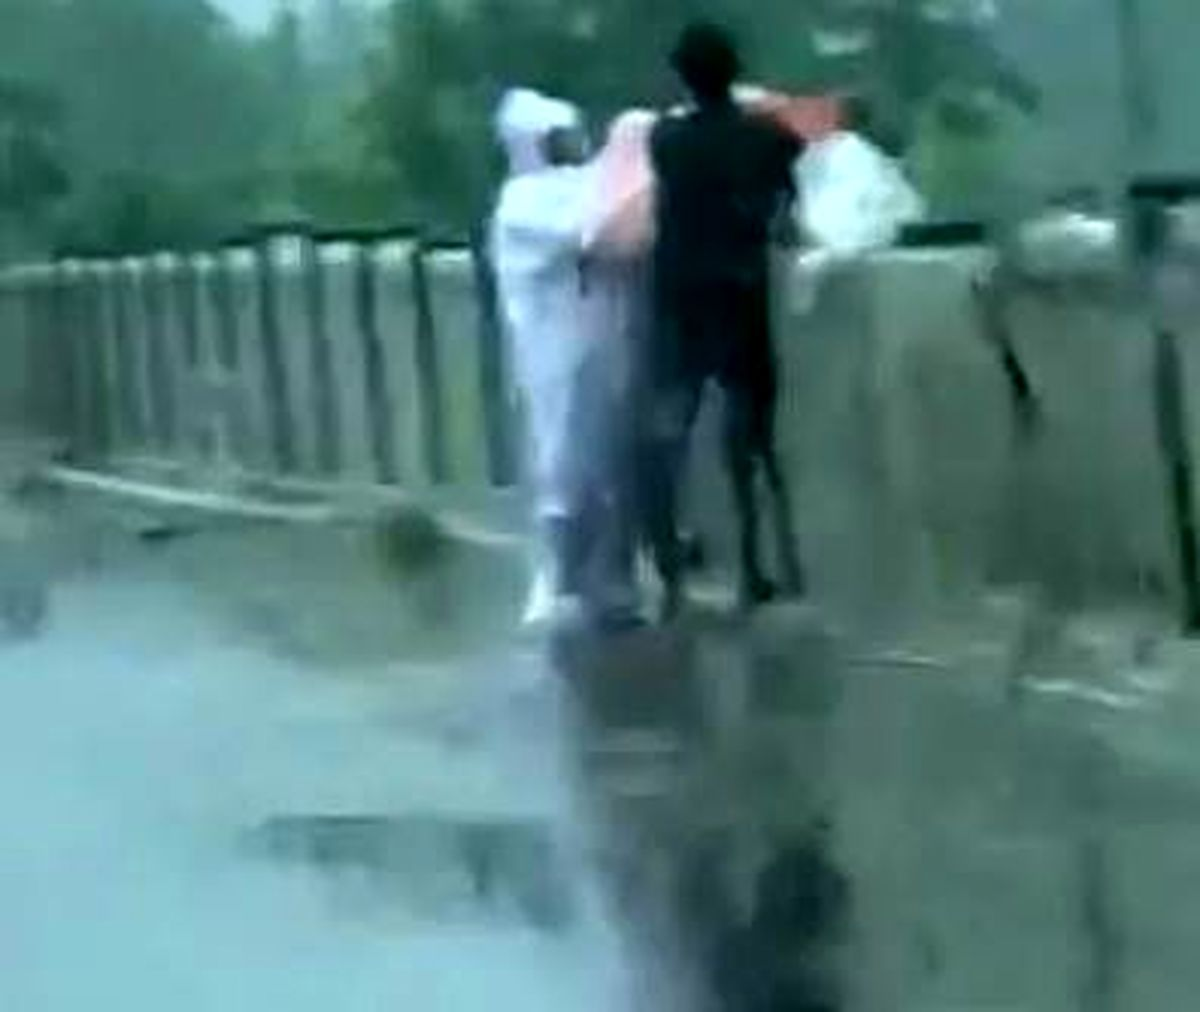 تصاویر تلخ از لحظه انداختن اجساد کرونایی به رودخانه